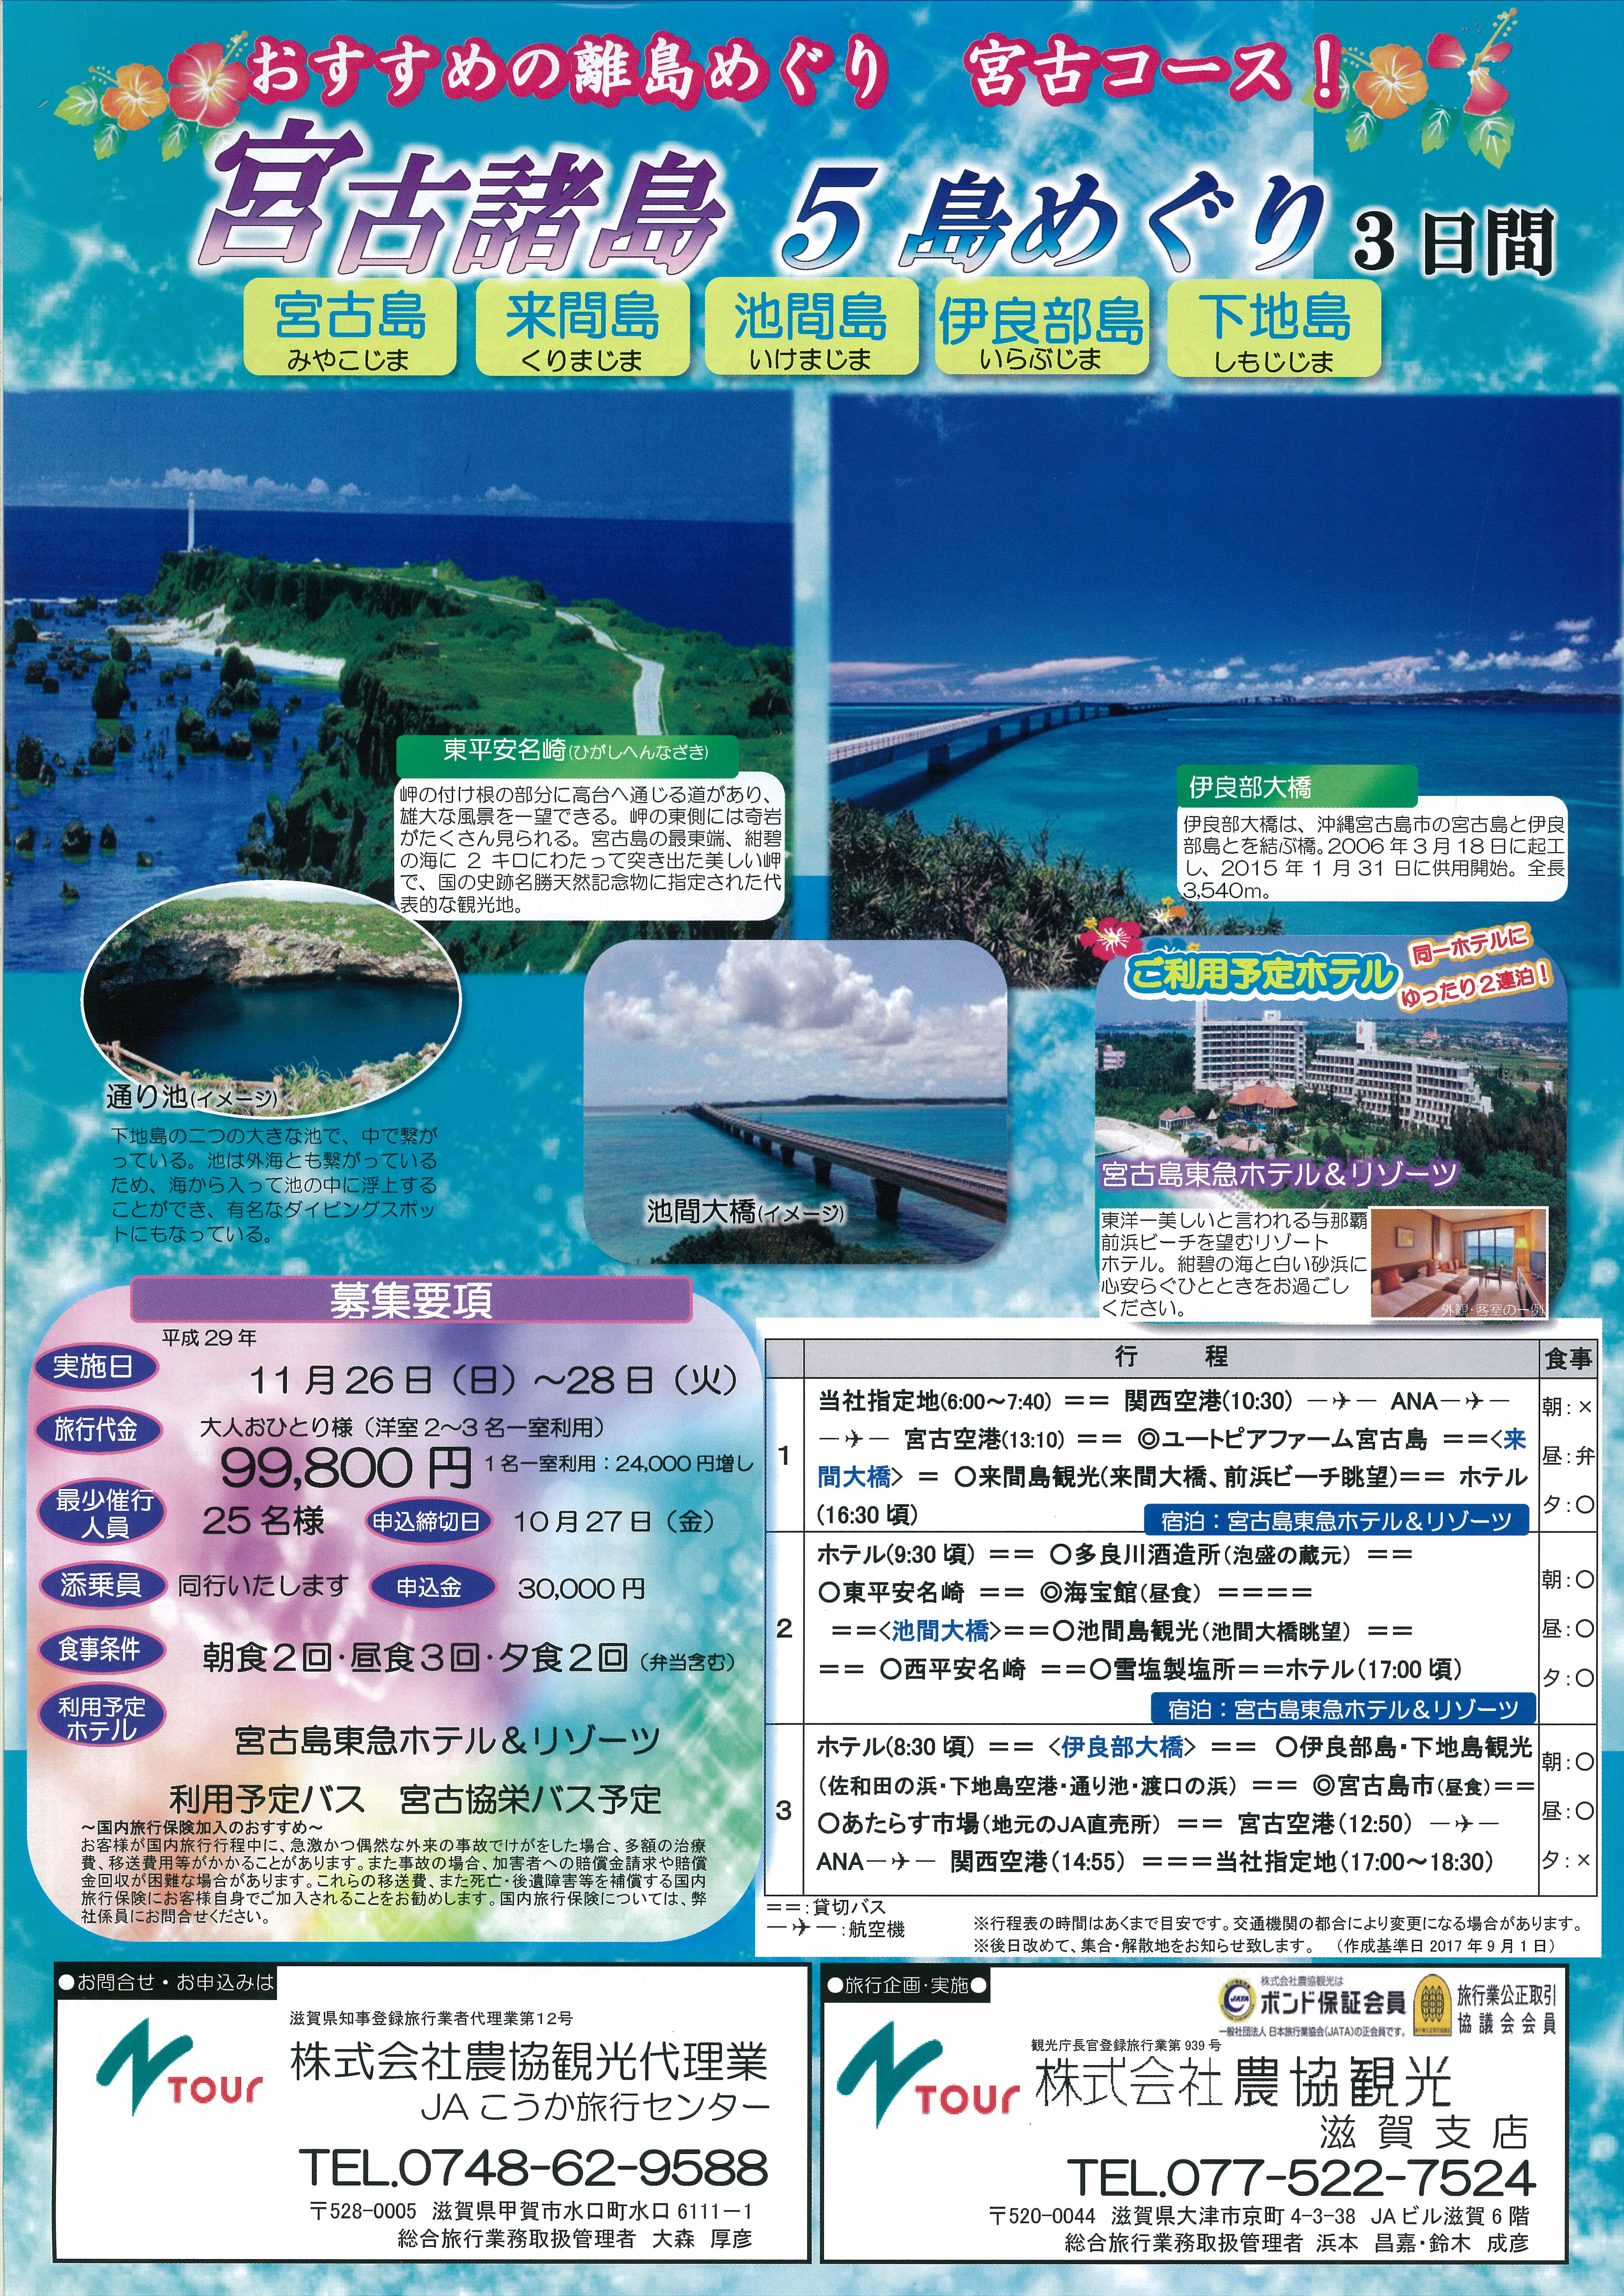 宮古諸島5島めぐり 3日間